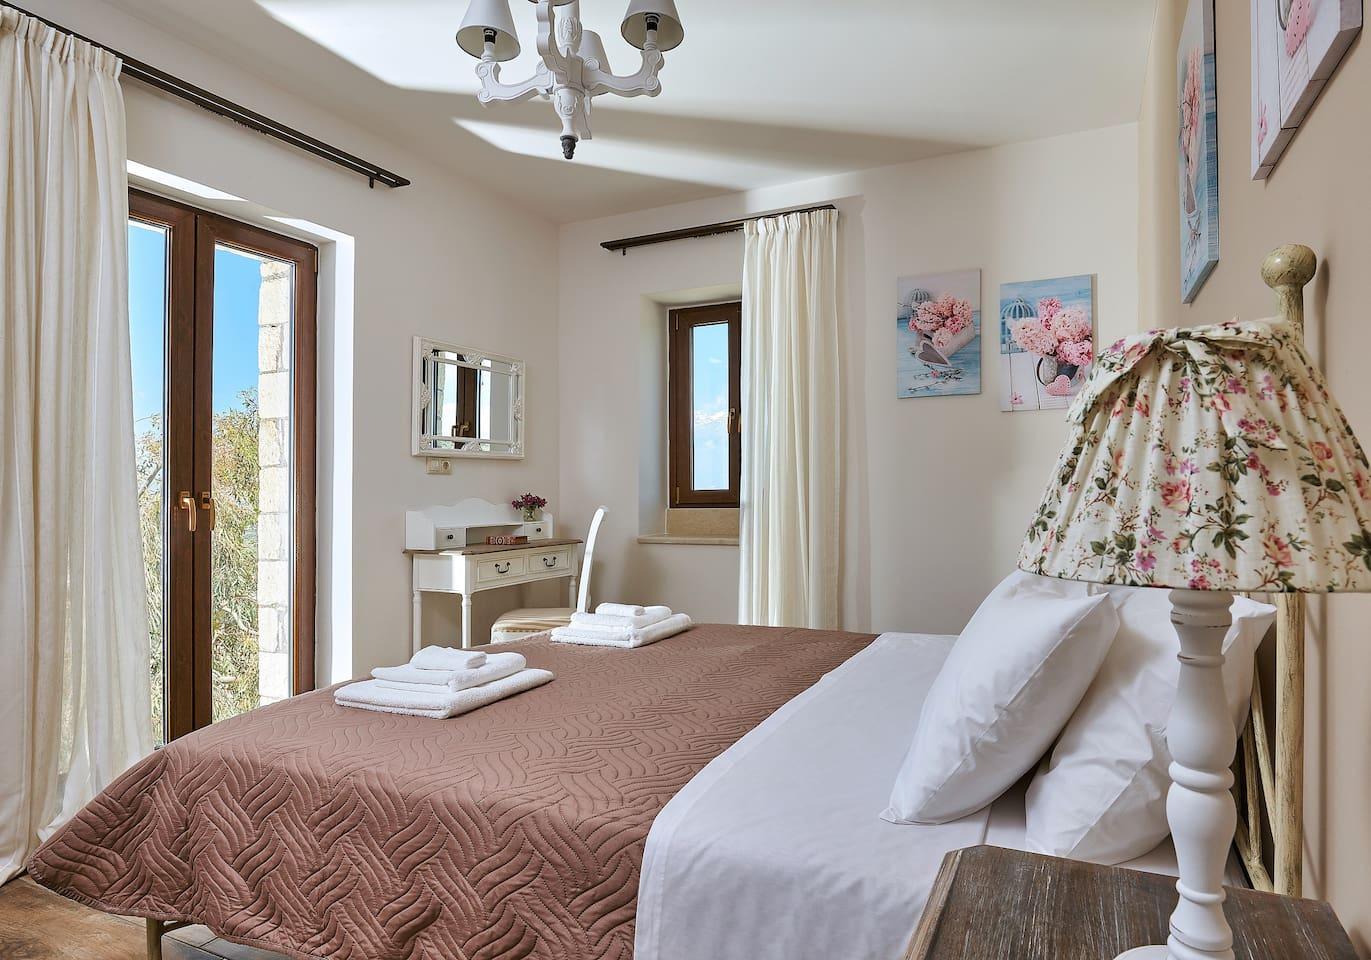 Orelia Cretan Villas - Romantic Stone Villa 1-The Bedroom with double bed